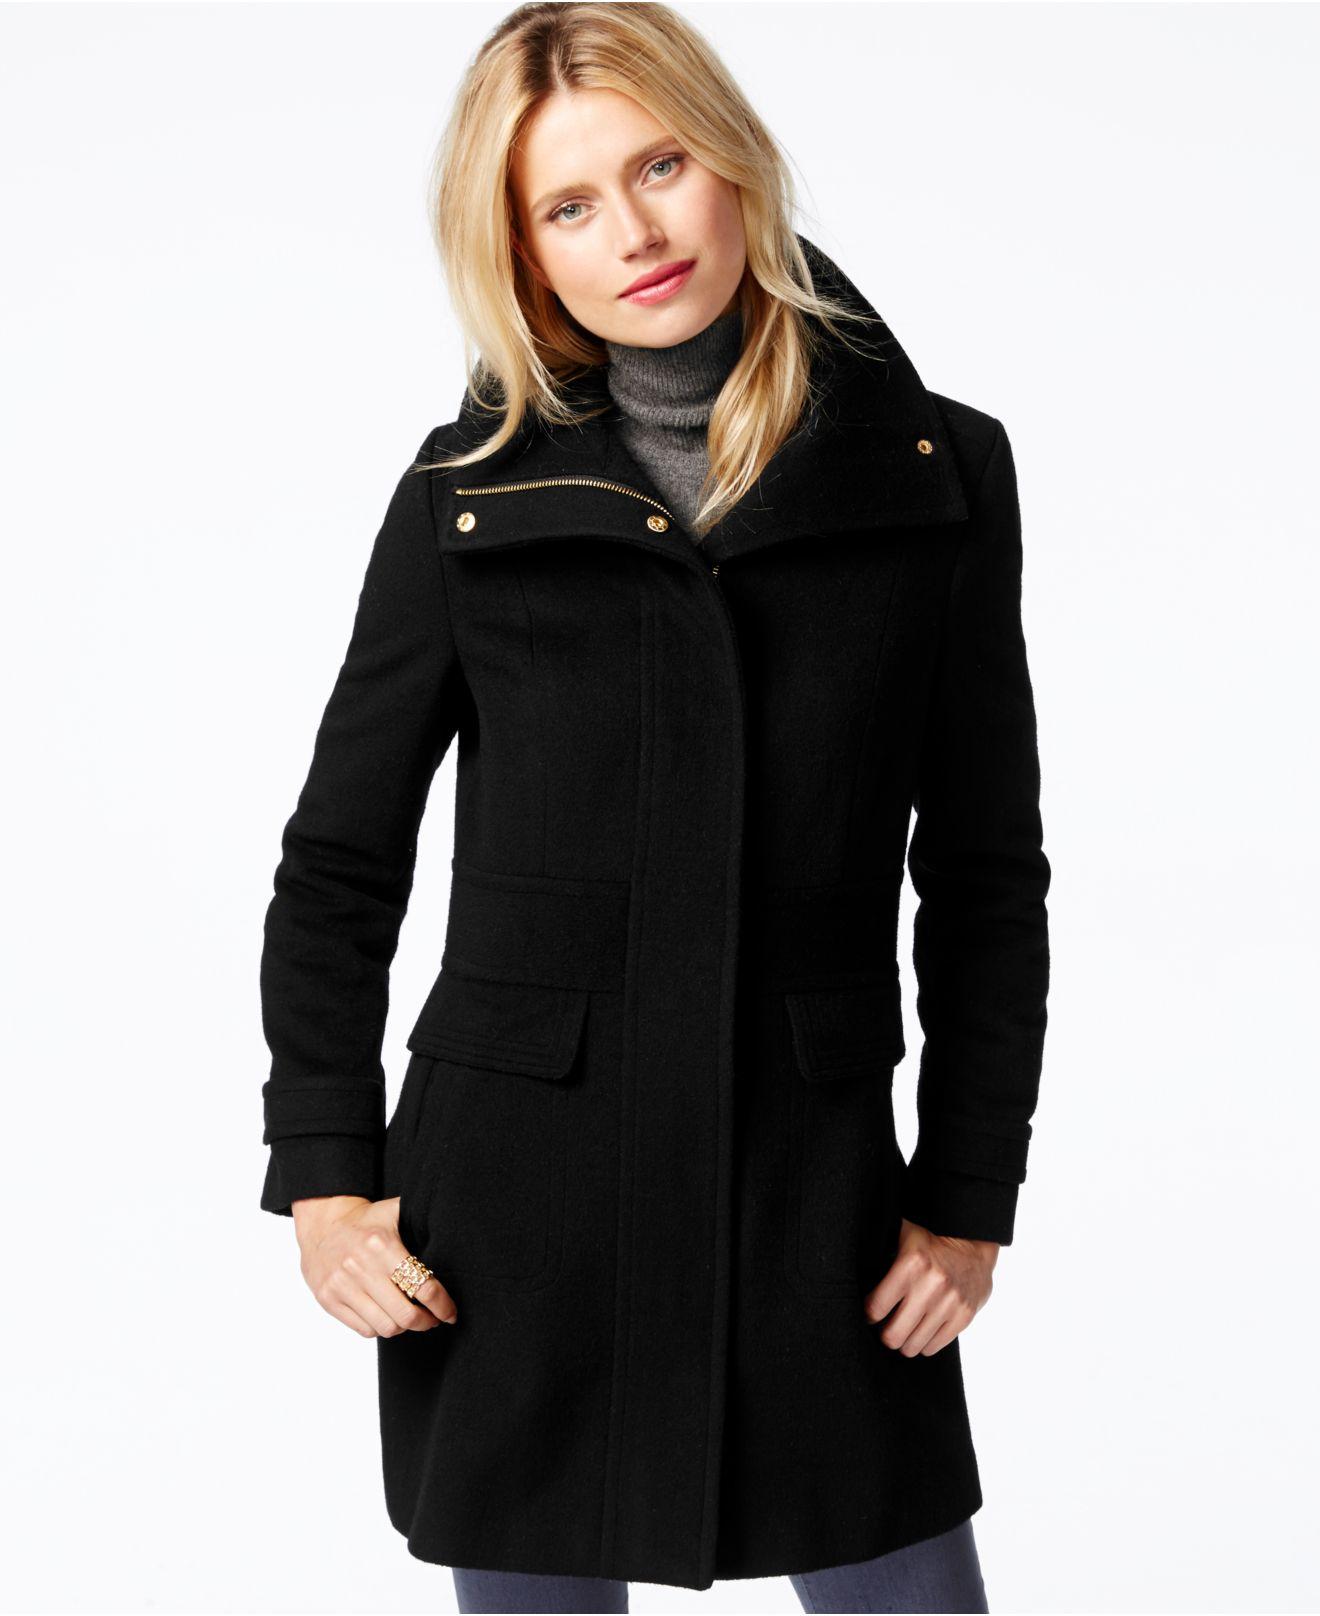 Cole haan Zip-front Walker Coat in Black | Lyst